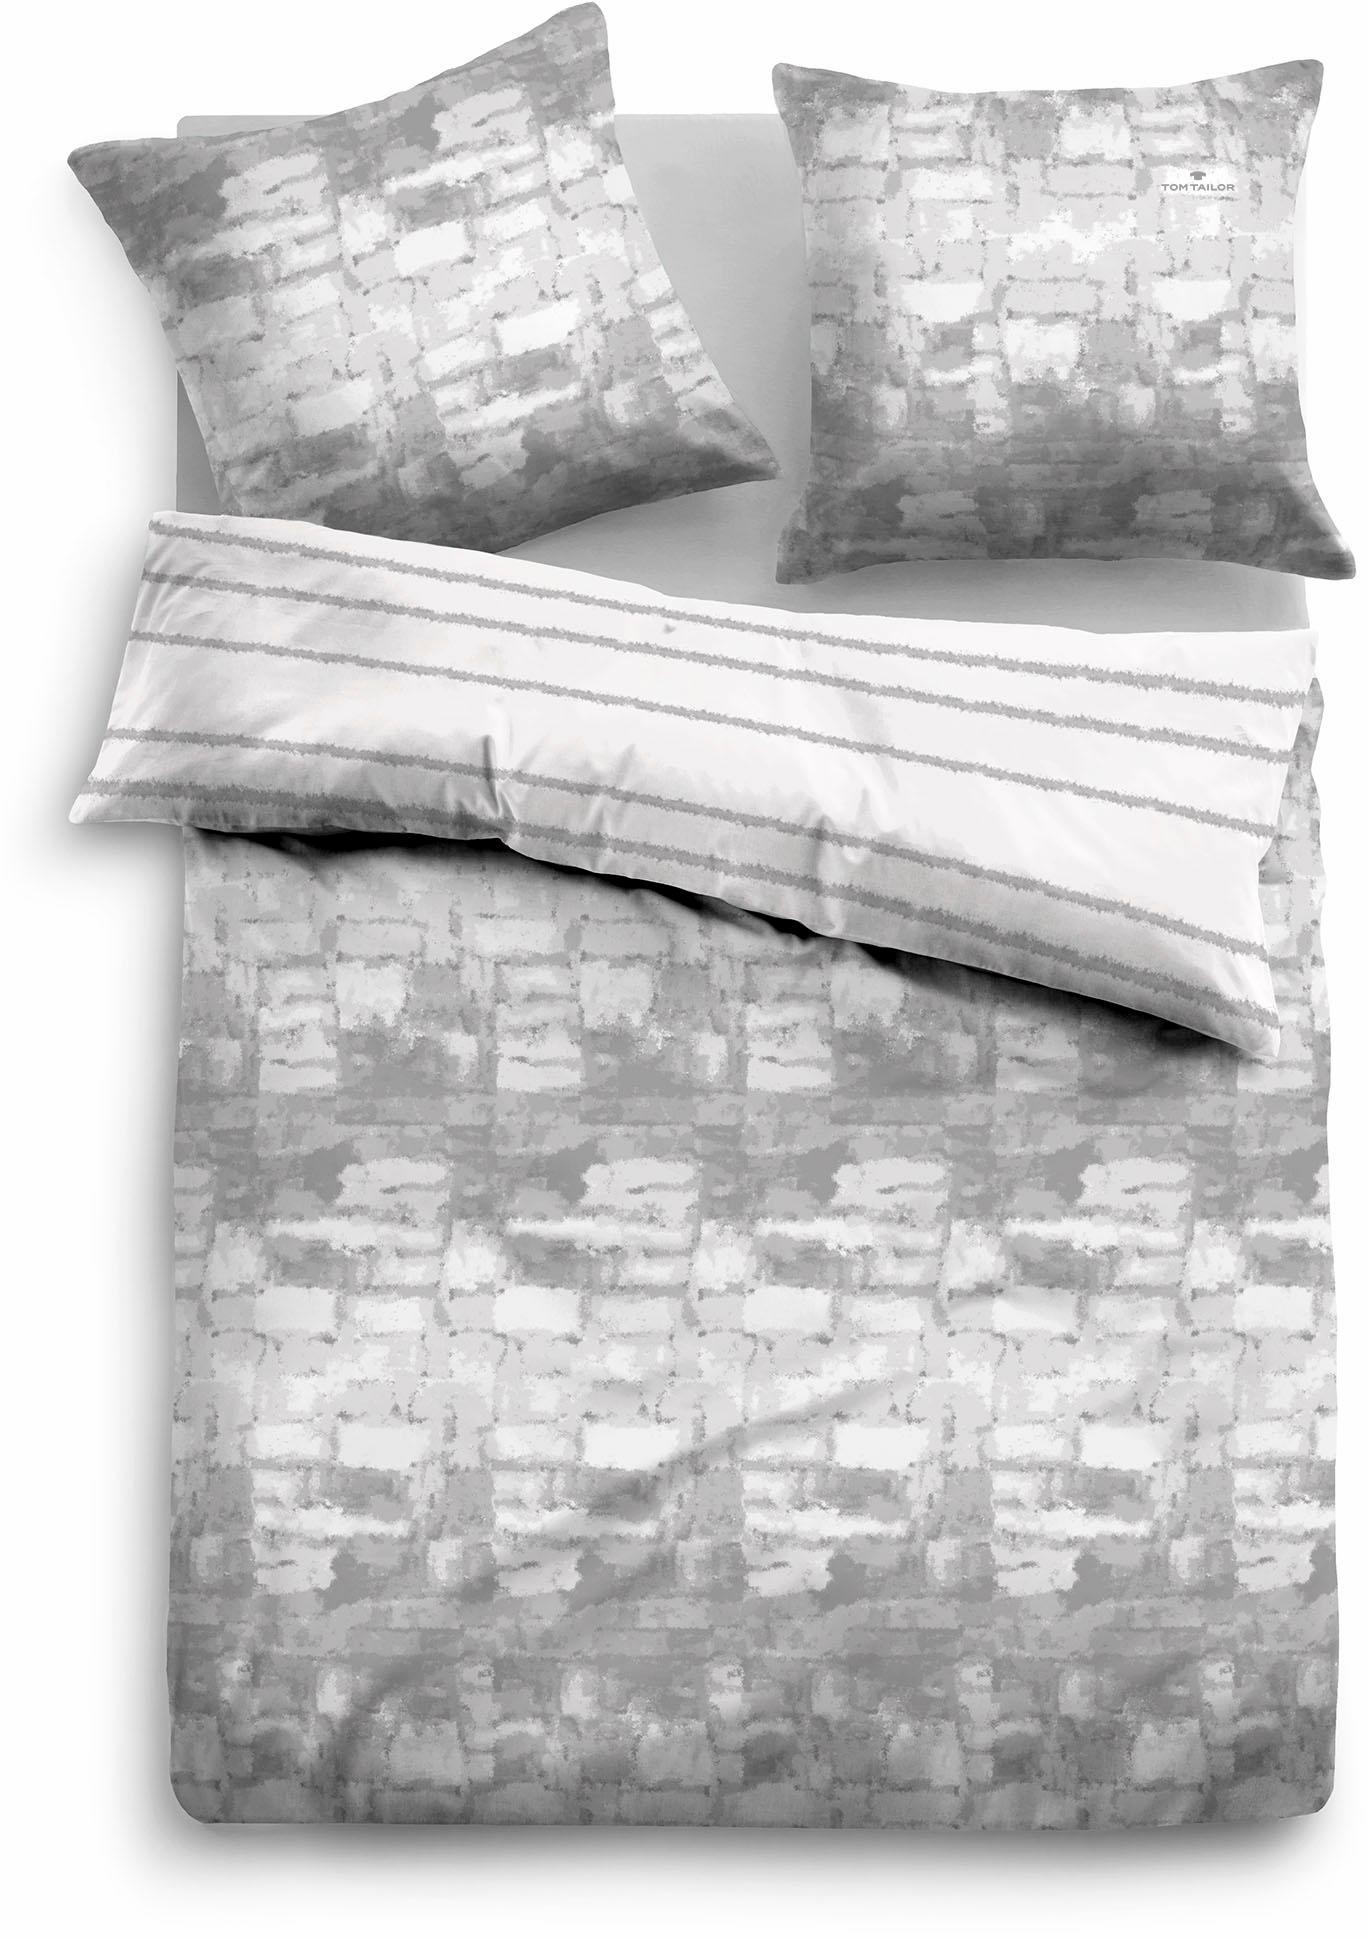 bettw sche tommi tom tailor auf rechnung baur. Black Bedroom Furniture Sets. Home Design Ideas